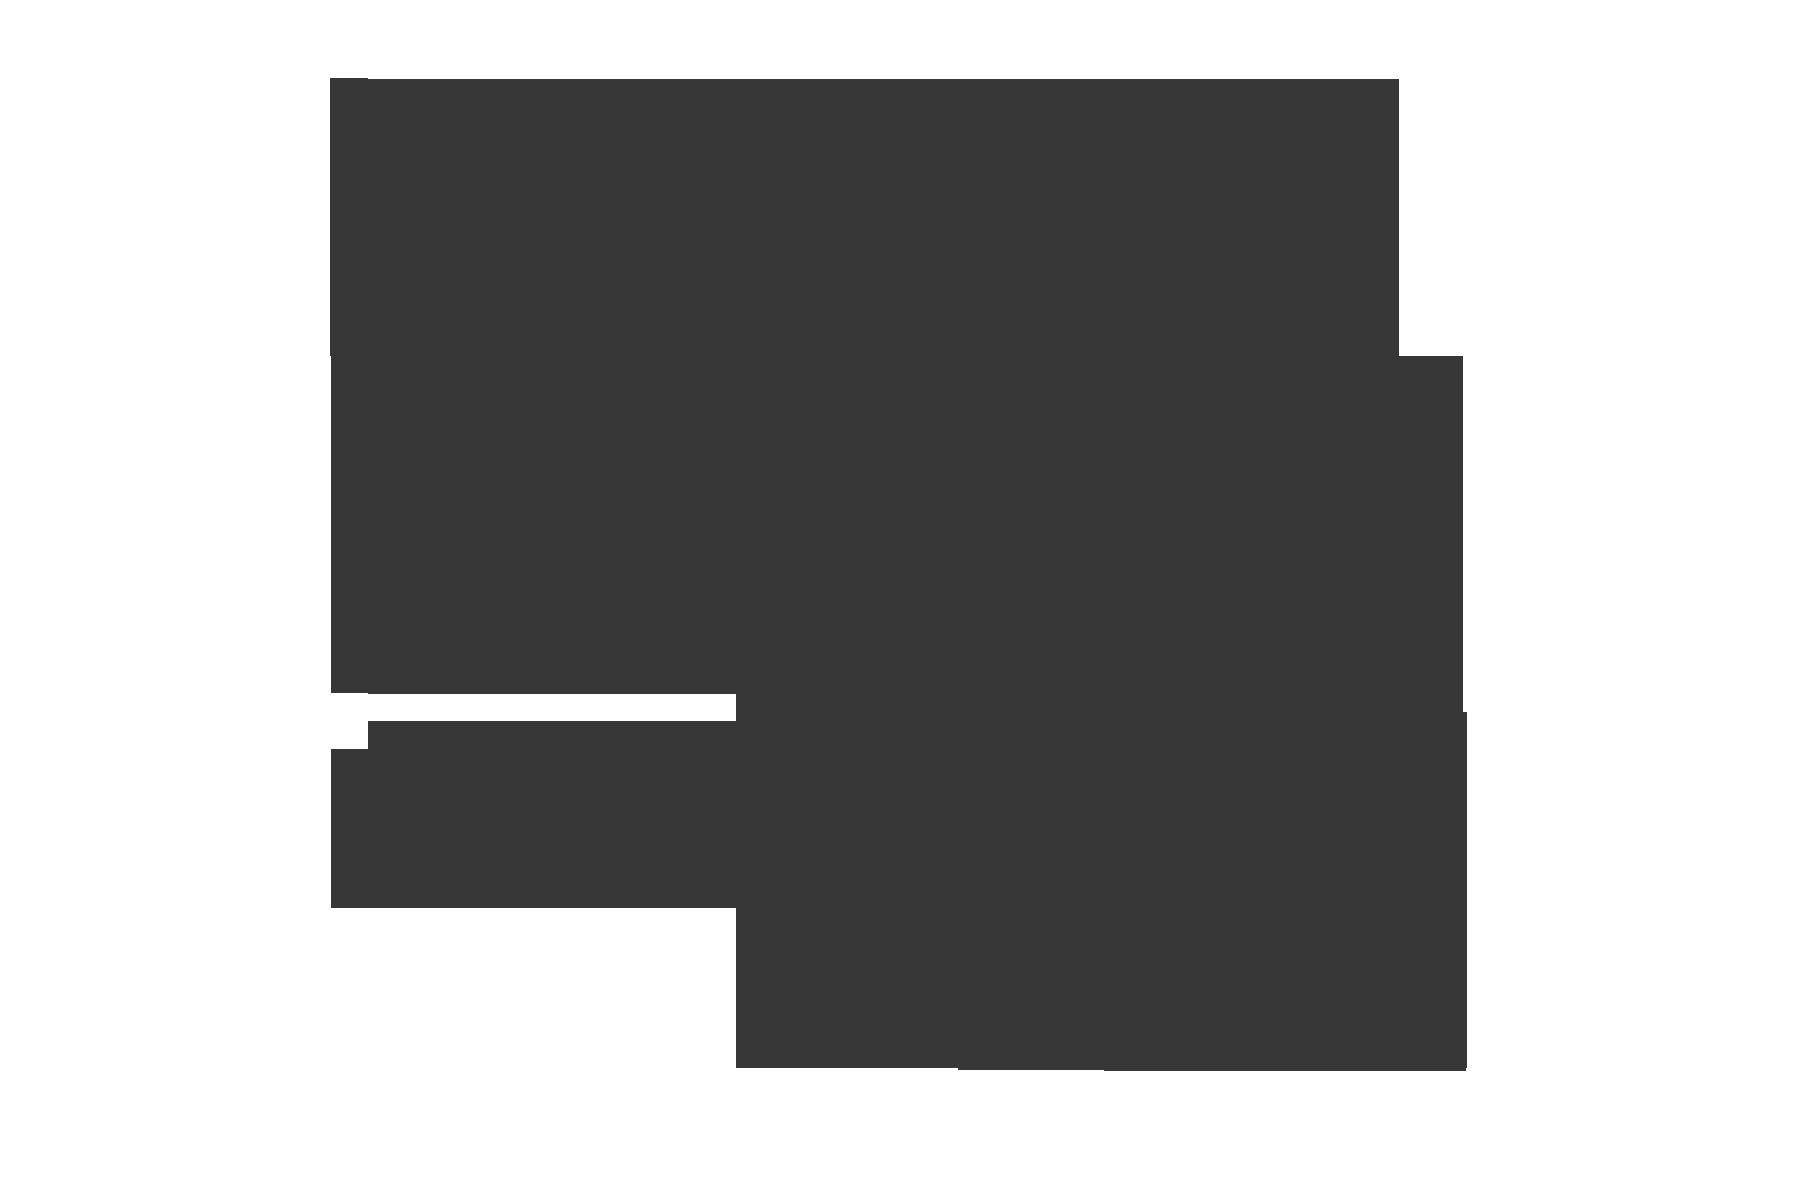 2-techcrunch.png